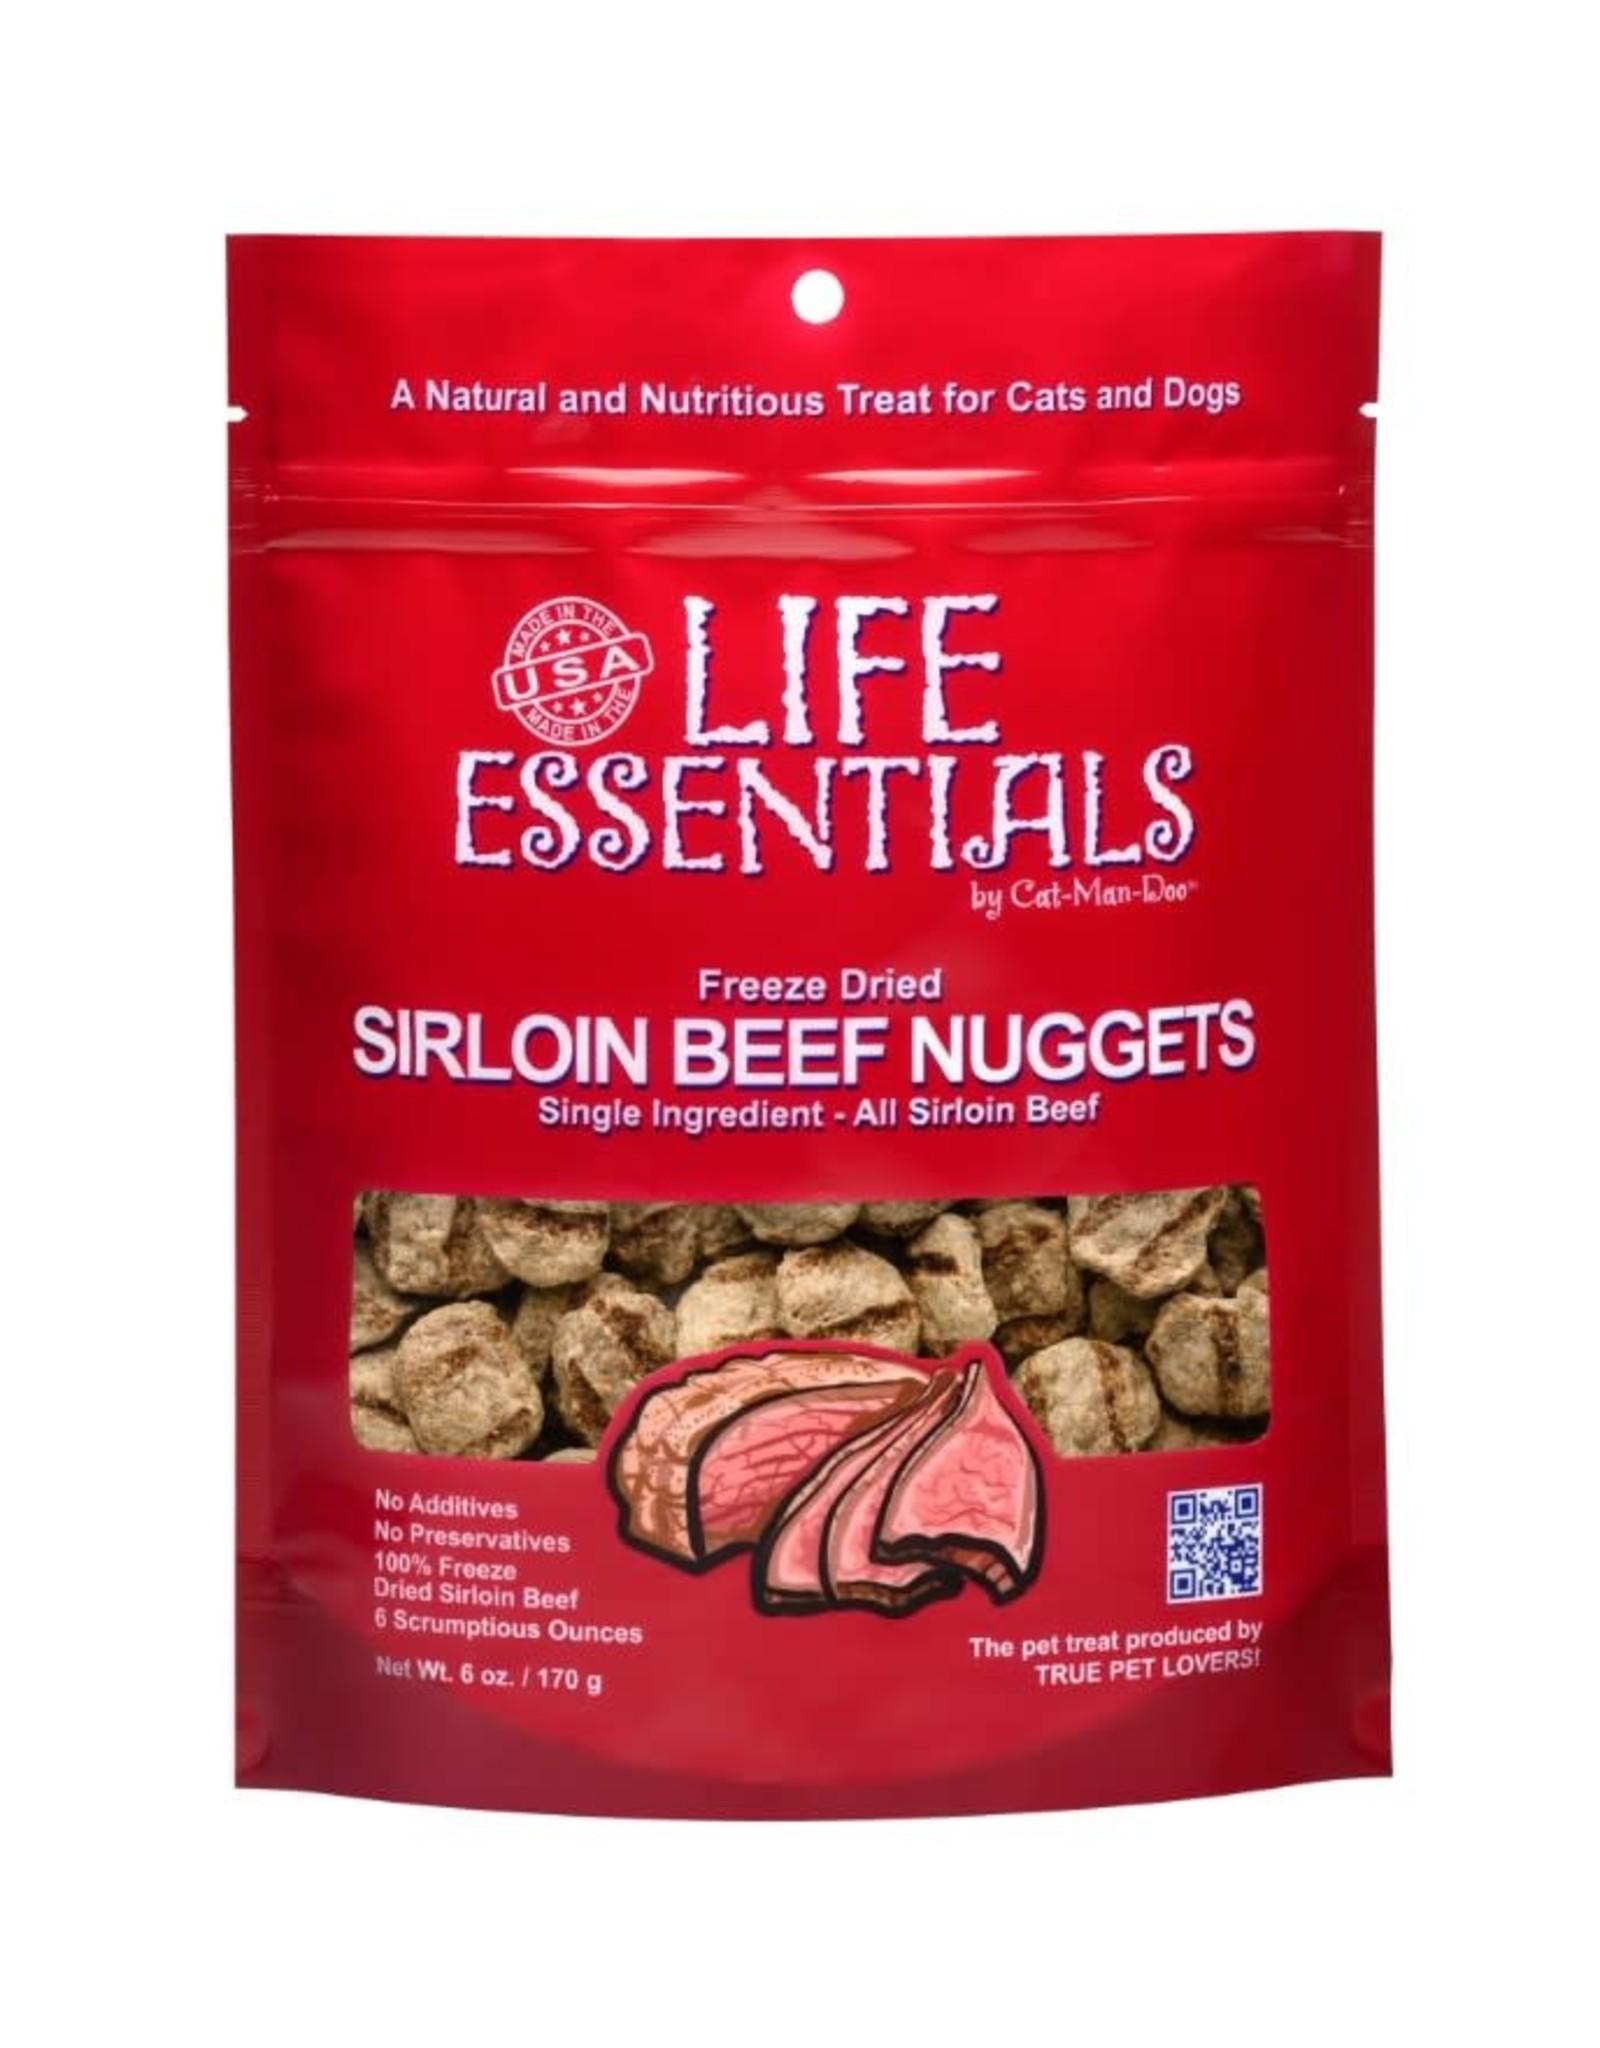 Cat-Man-Doo Cat-Man-Doo Life Essentials Freeze Dried Sirloin Beef Nuggets 3oz